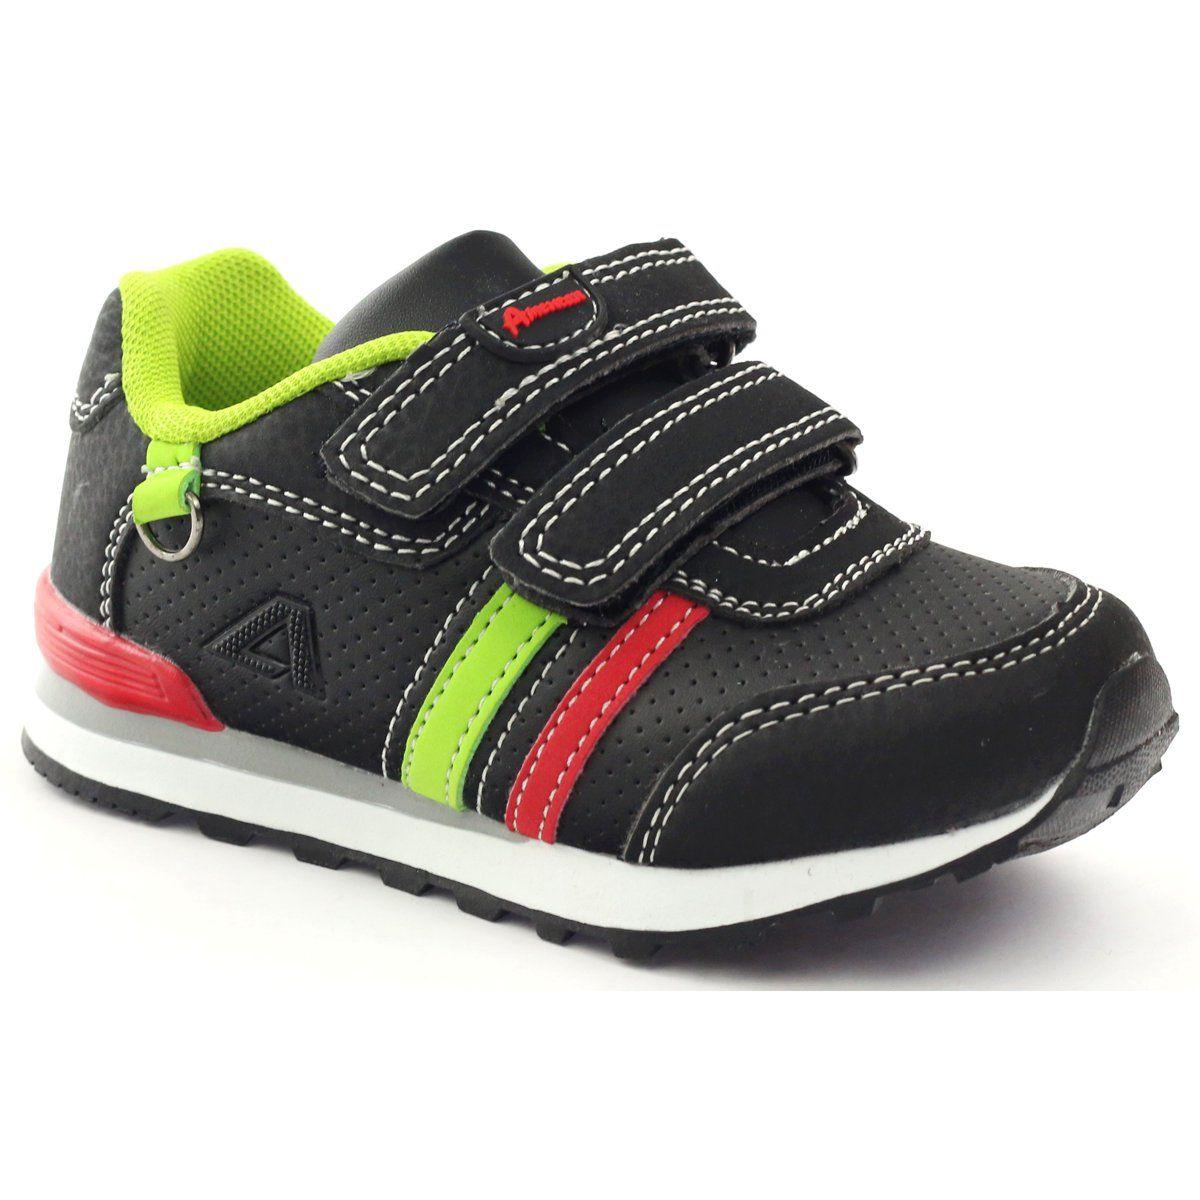 American Club Buty Sportowe Na Rzep American 29057 Czarne Czerwone Zielone Sports Shoes Kid Shoes Shoes